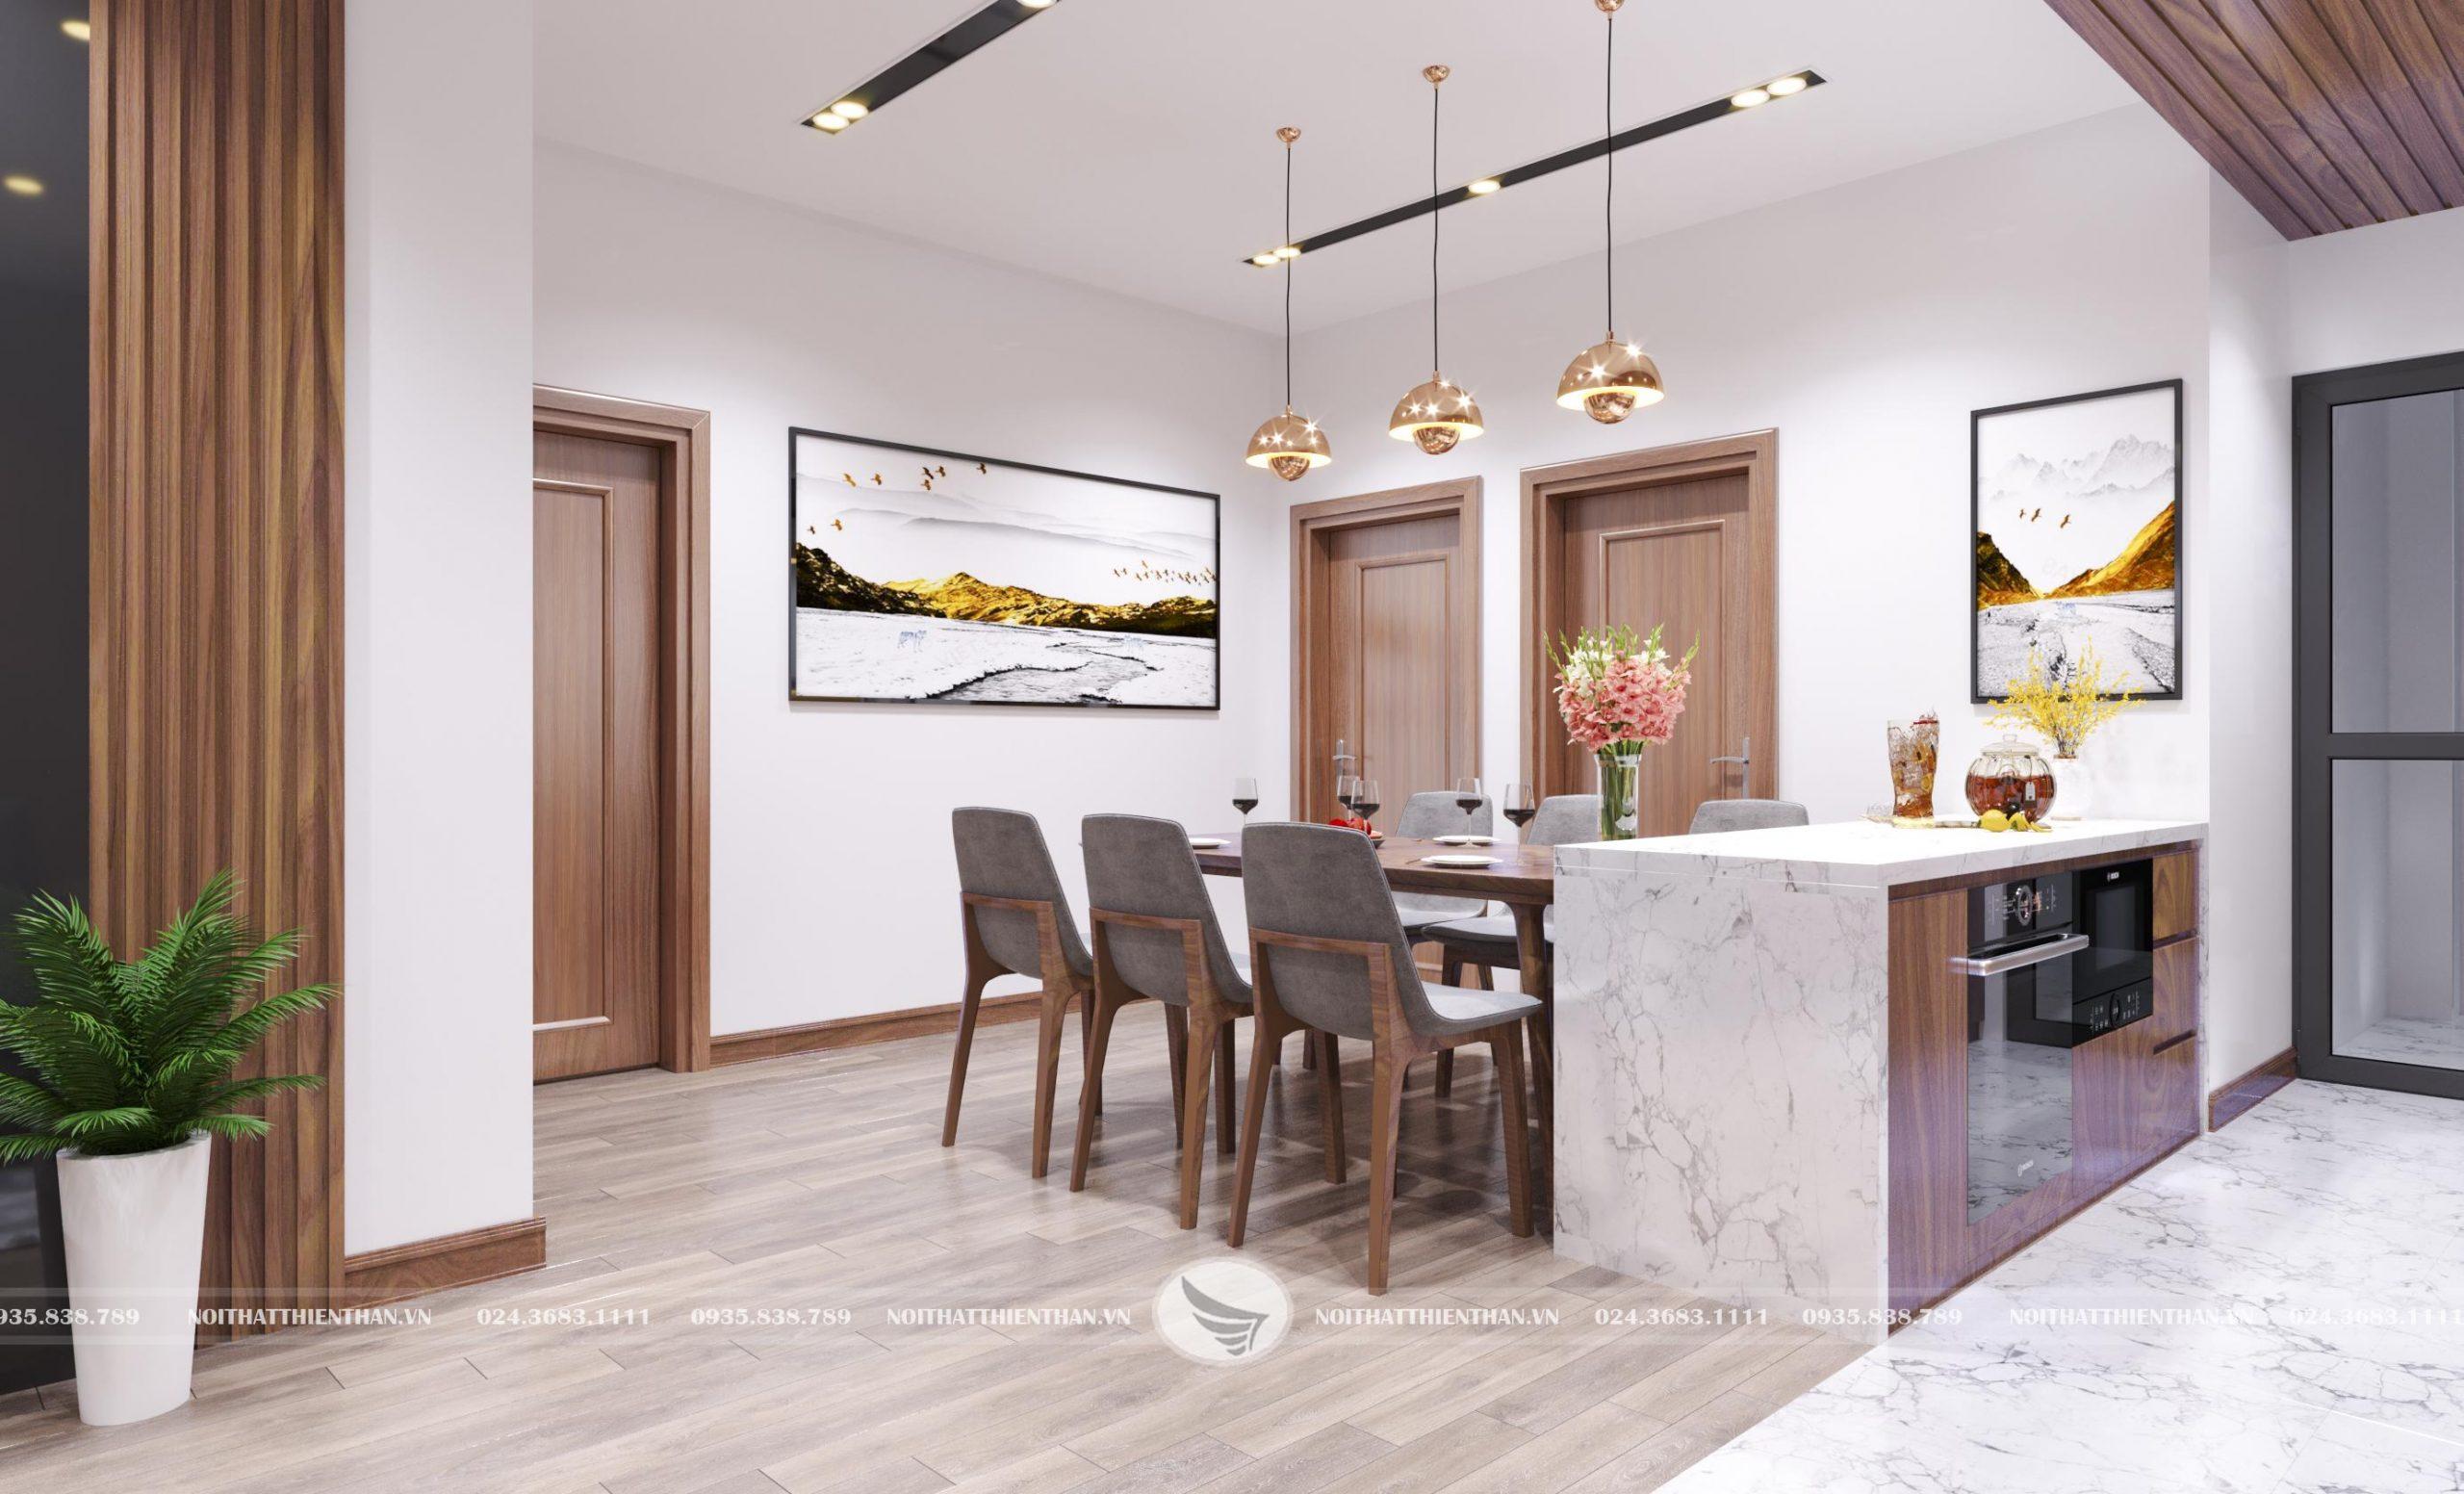 thiết kế phòng khách liền bếp đẹp